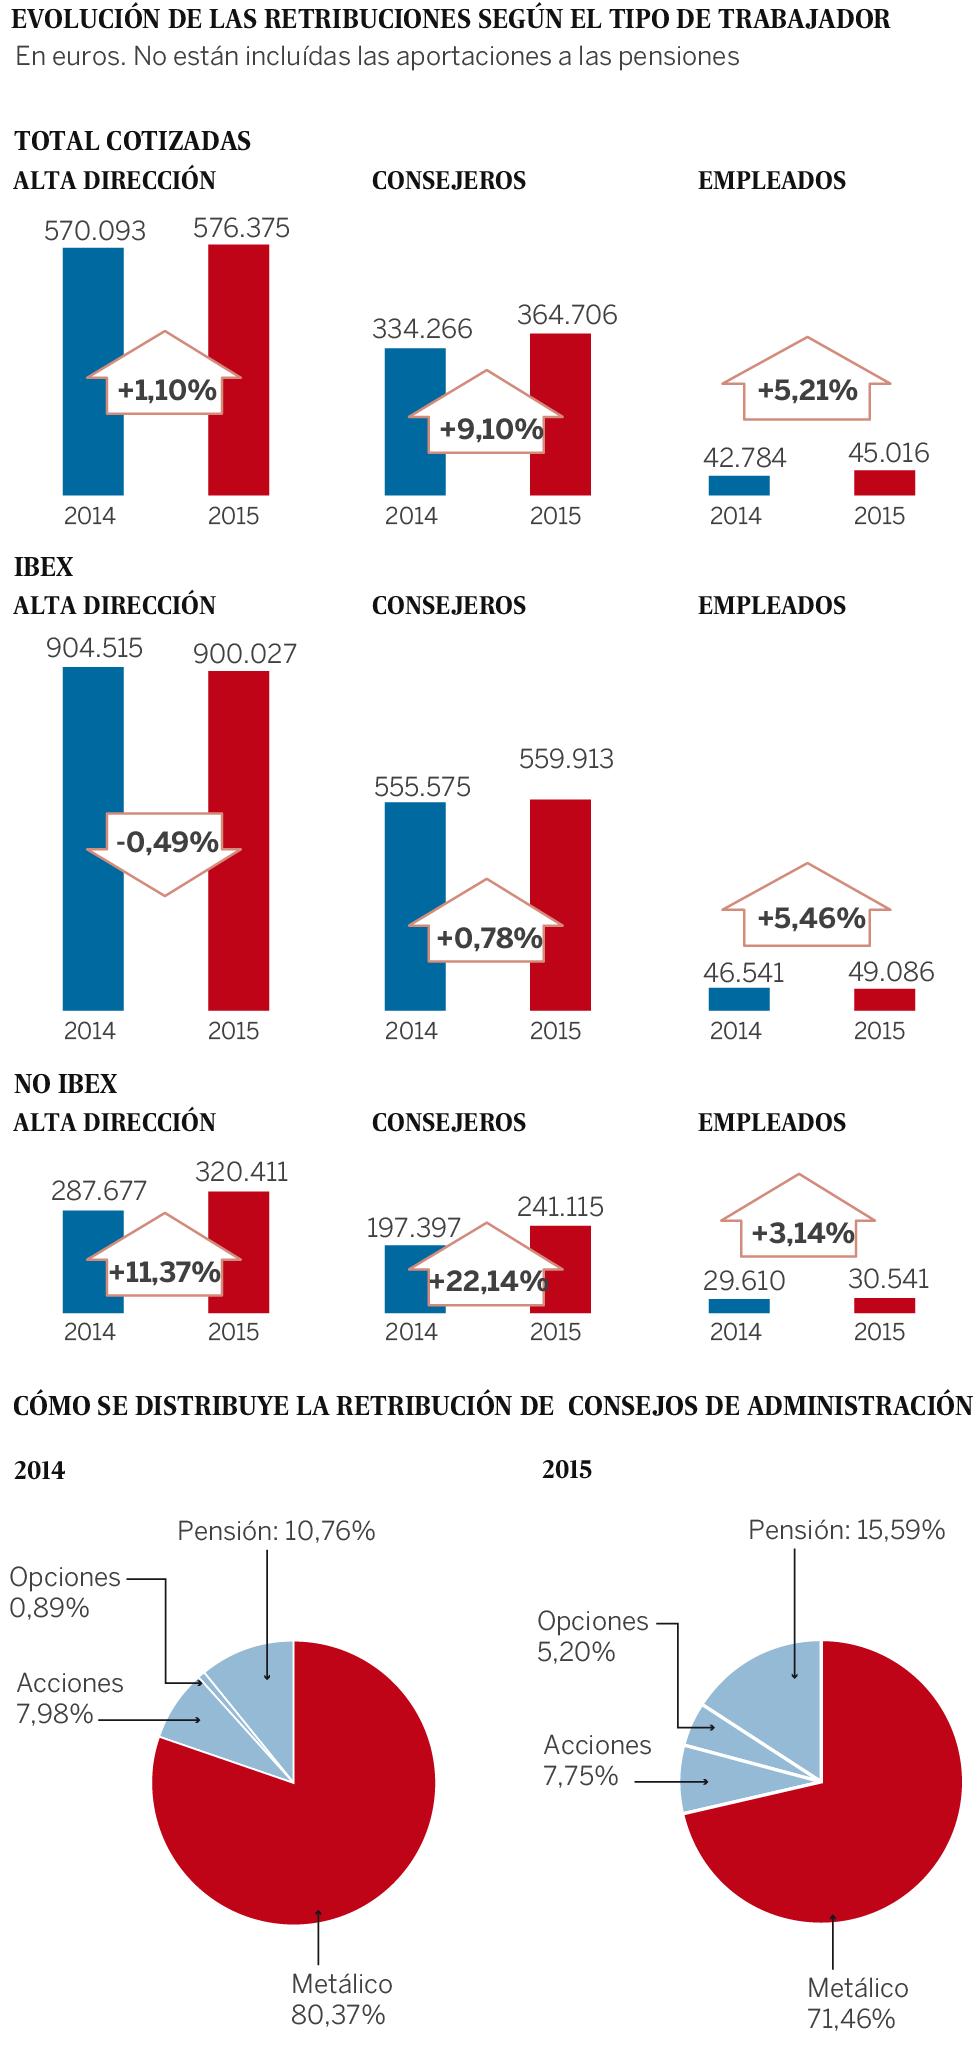 Los jefes de los grupos del Ibex ganan 96 veces más que sus empleados